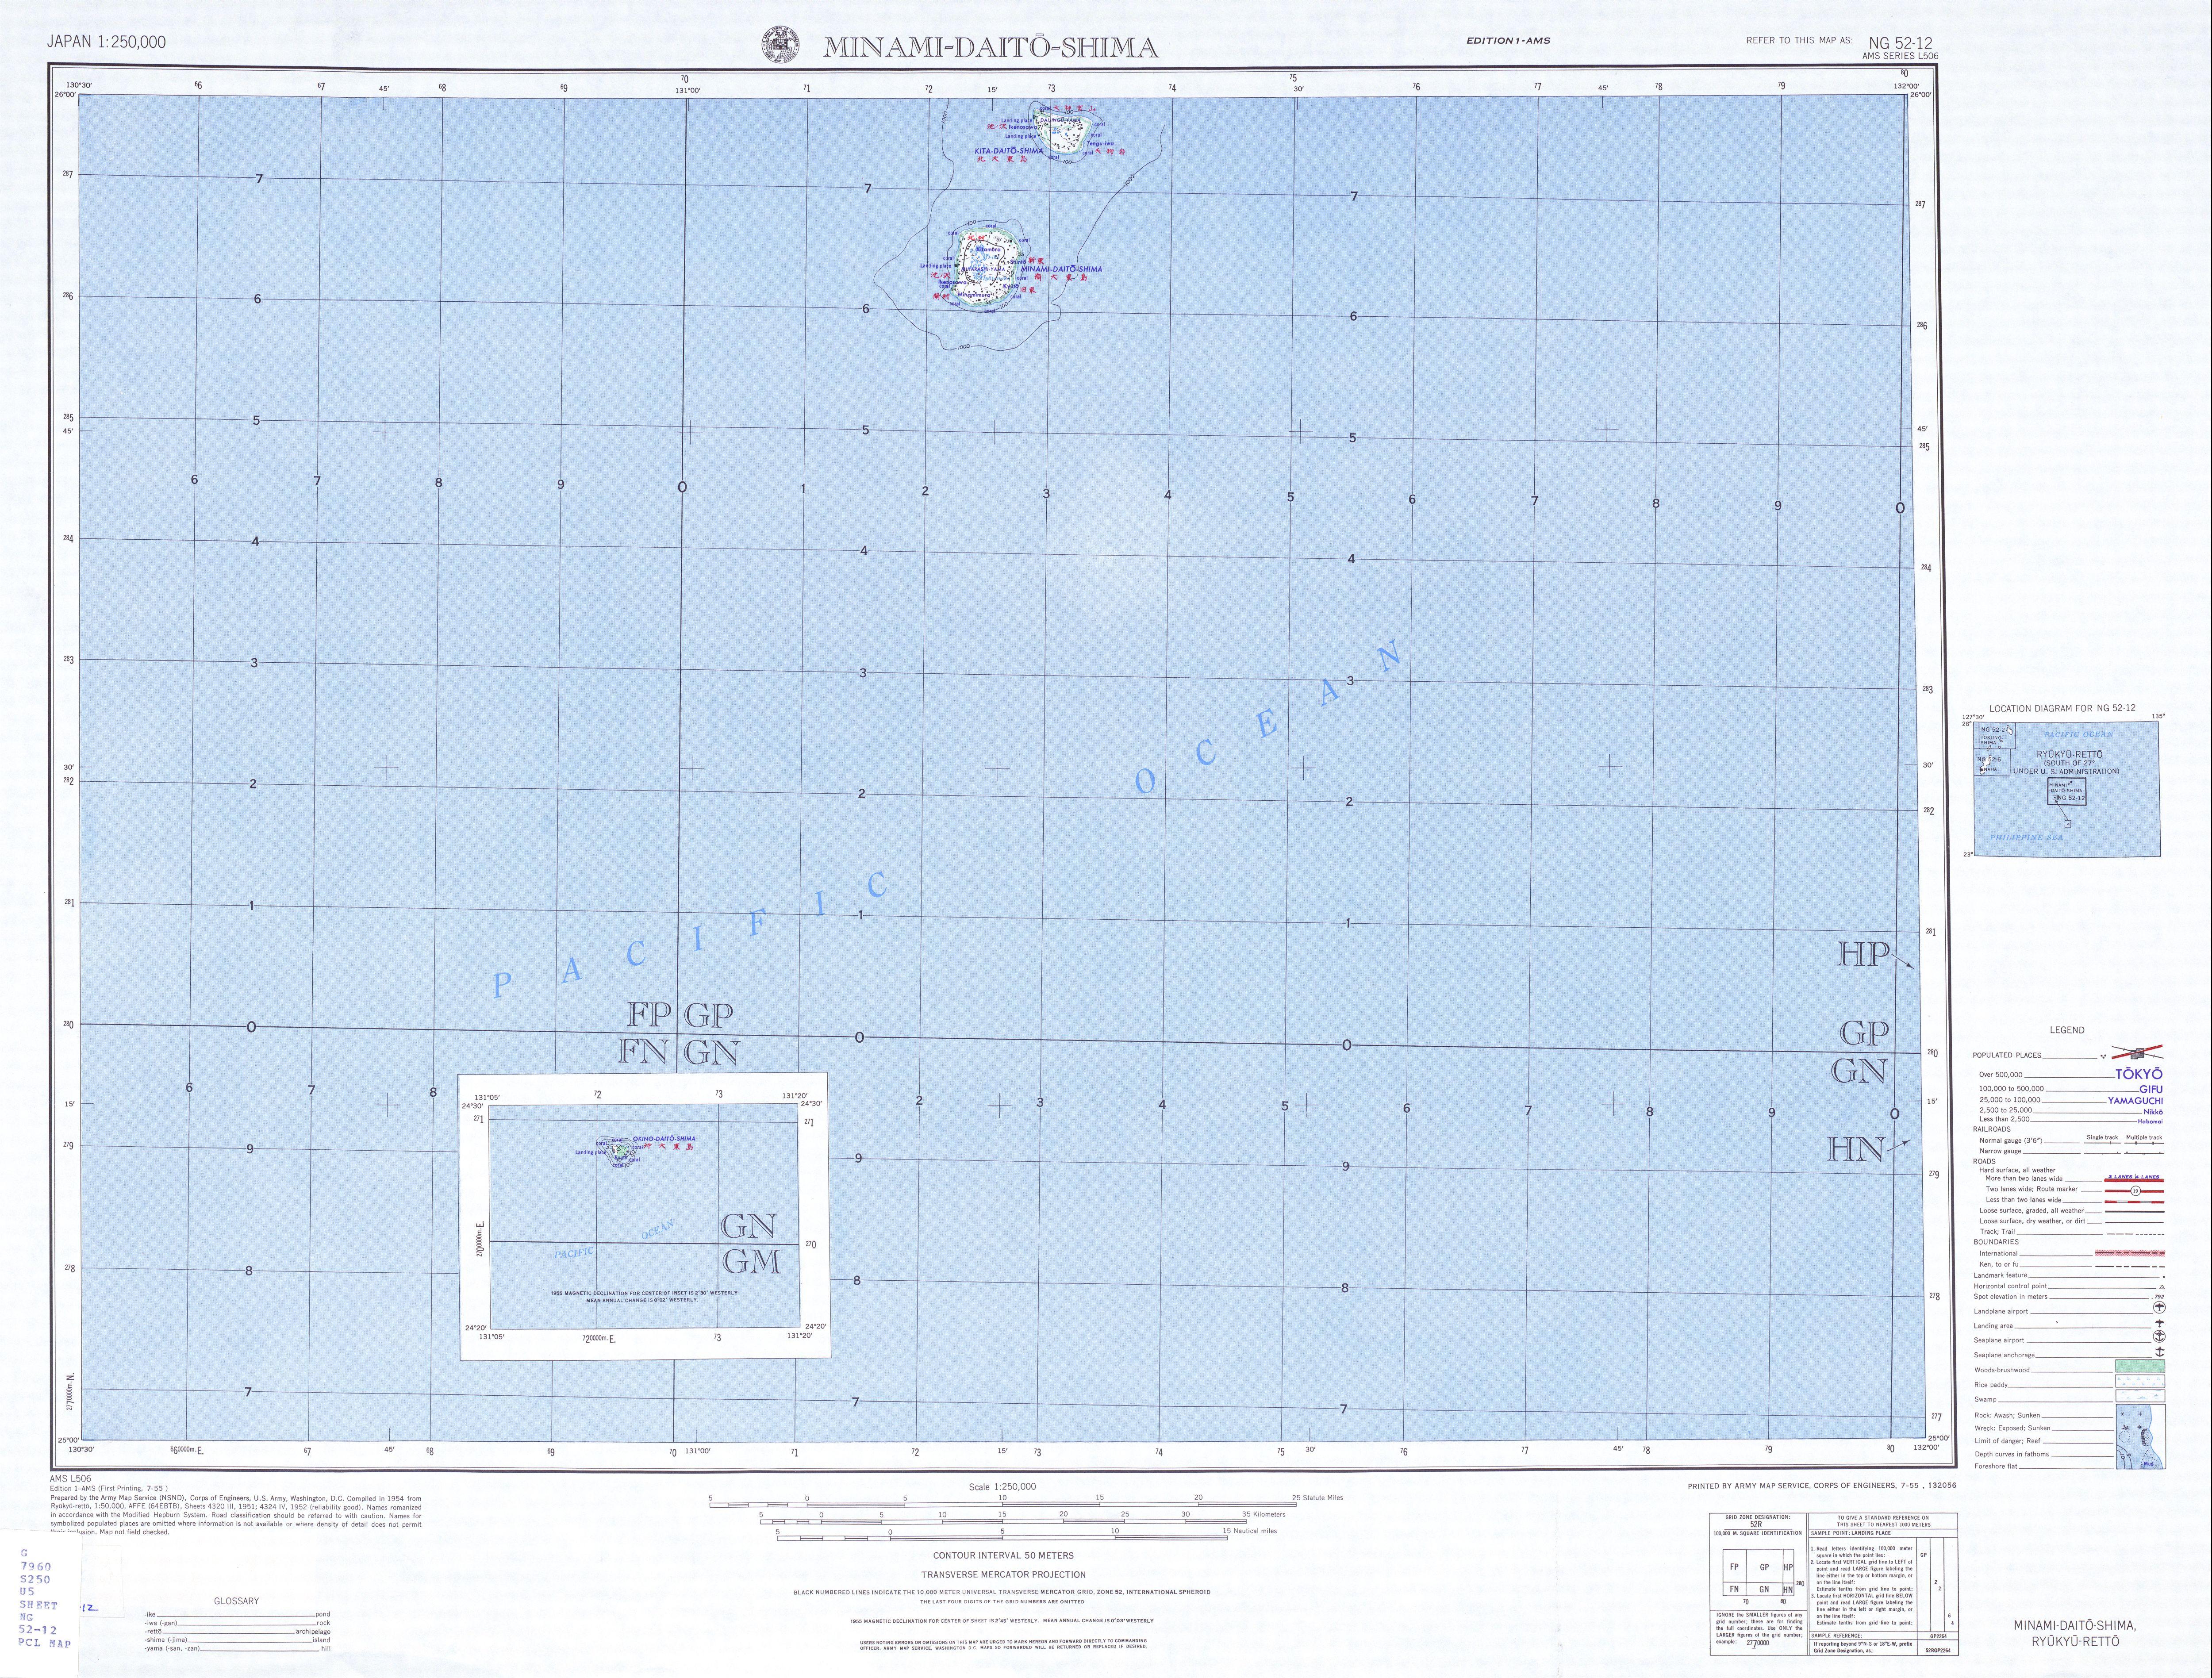 Hoja Minami-Daito-Shima del Mapa Topográfico de Japón 1954